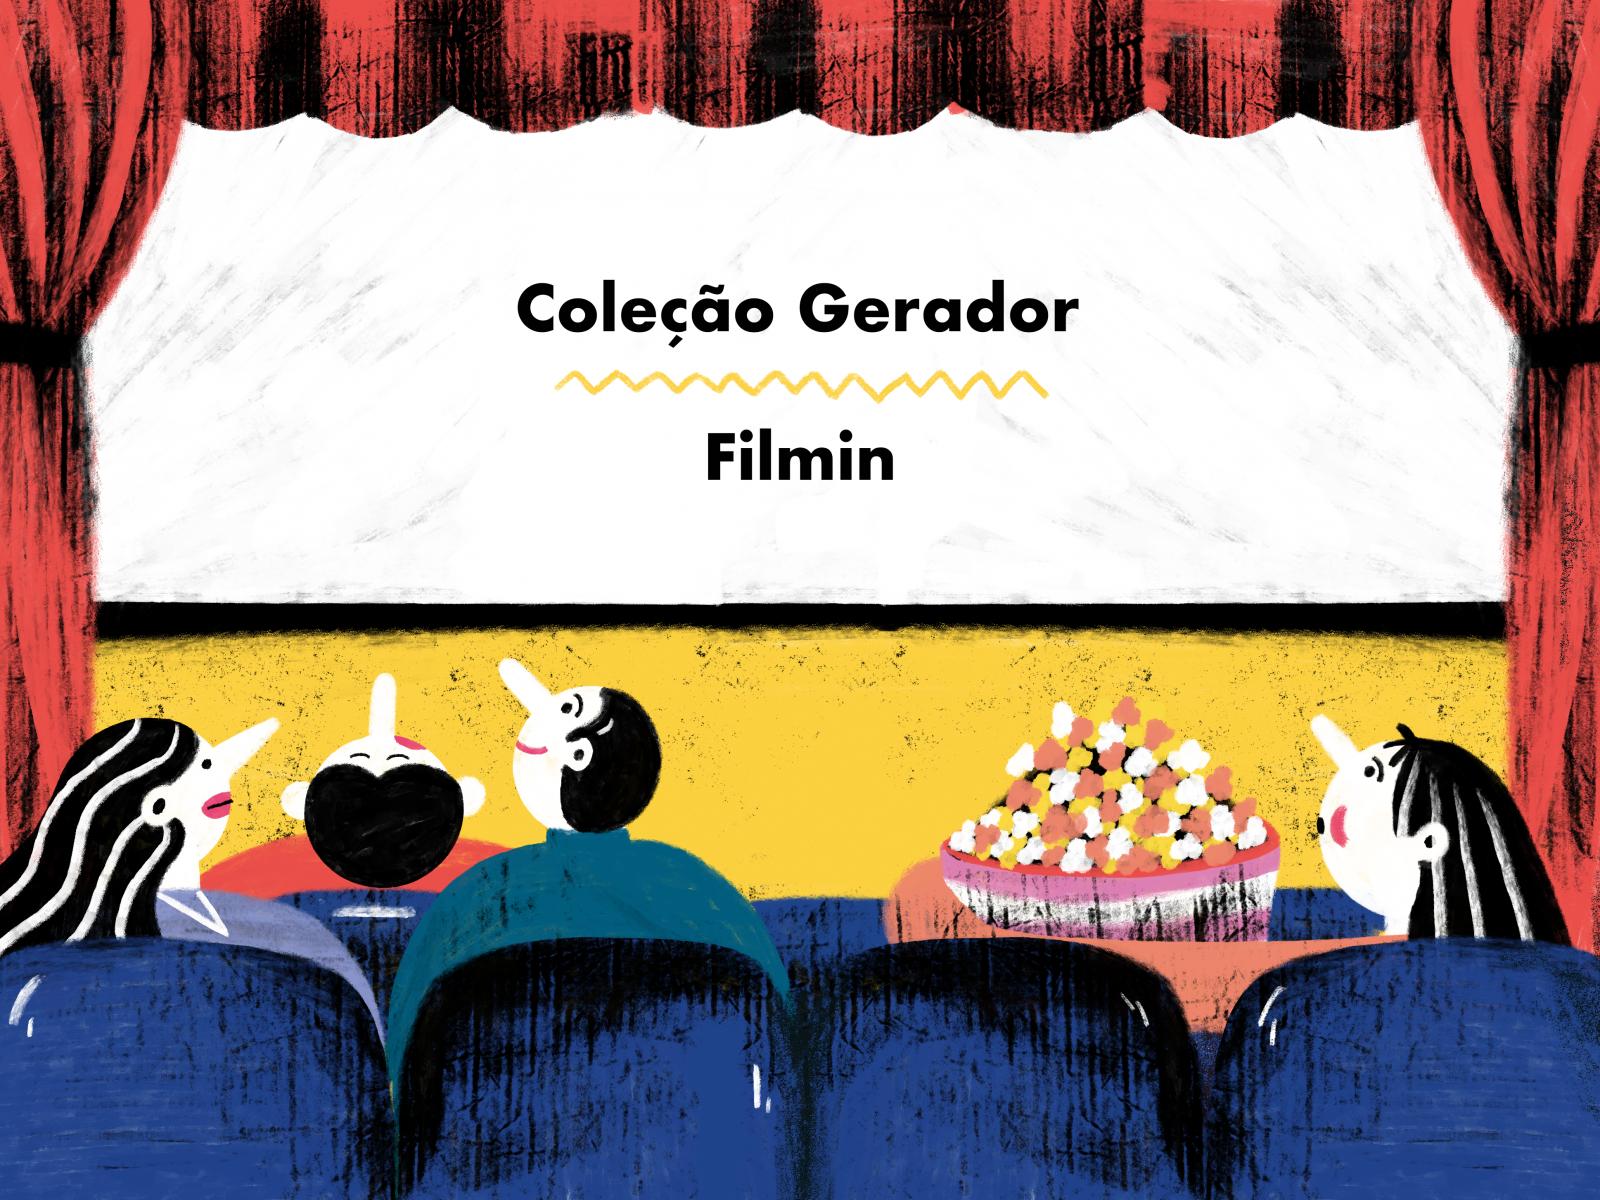 colecao-gerador-filmin-cinema